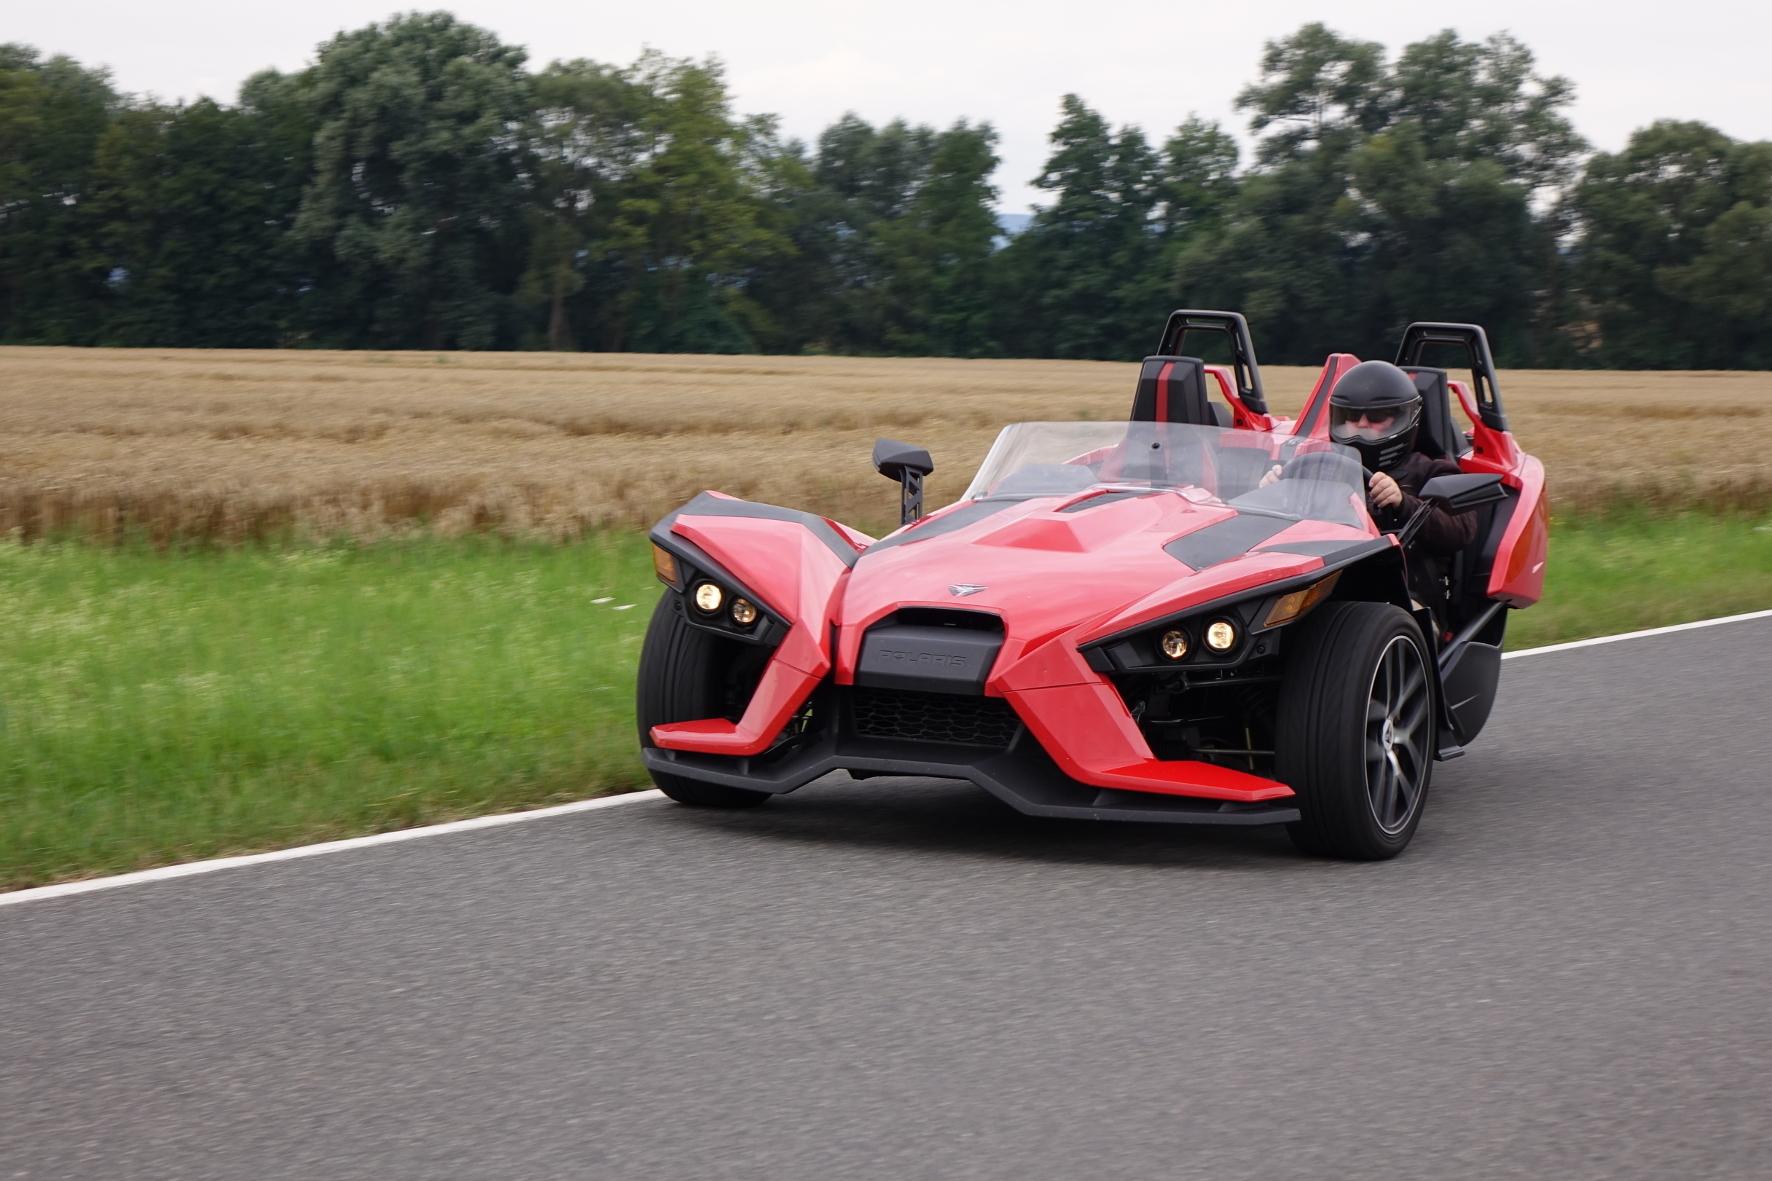 mid Groß-Gerau - Die breite, kantige Front des Polaris Slingshot SL könnte auch zu einem Supersportwagen gehören. Und mit 175 PS und nur knapp 800 Kilo Leergewicht kommt der Fahrspaß nicht zu kurz.